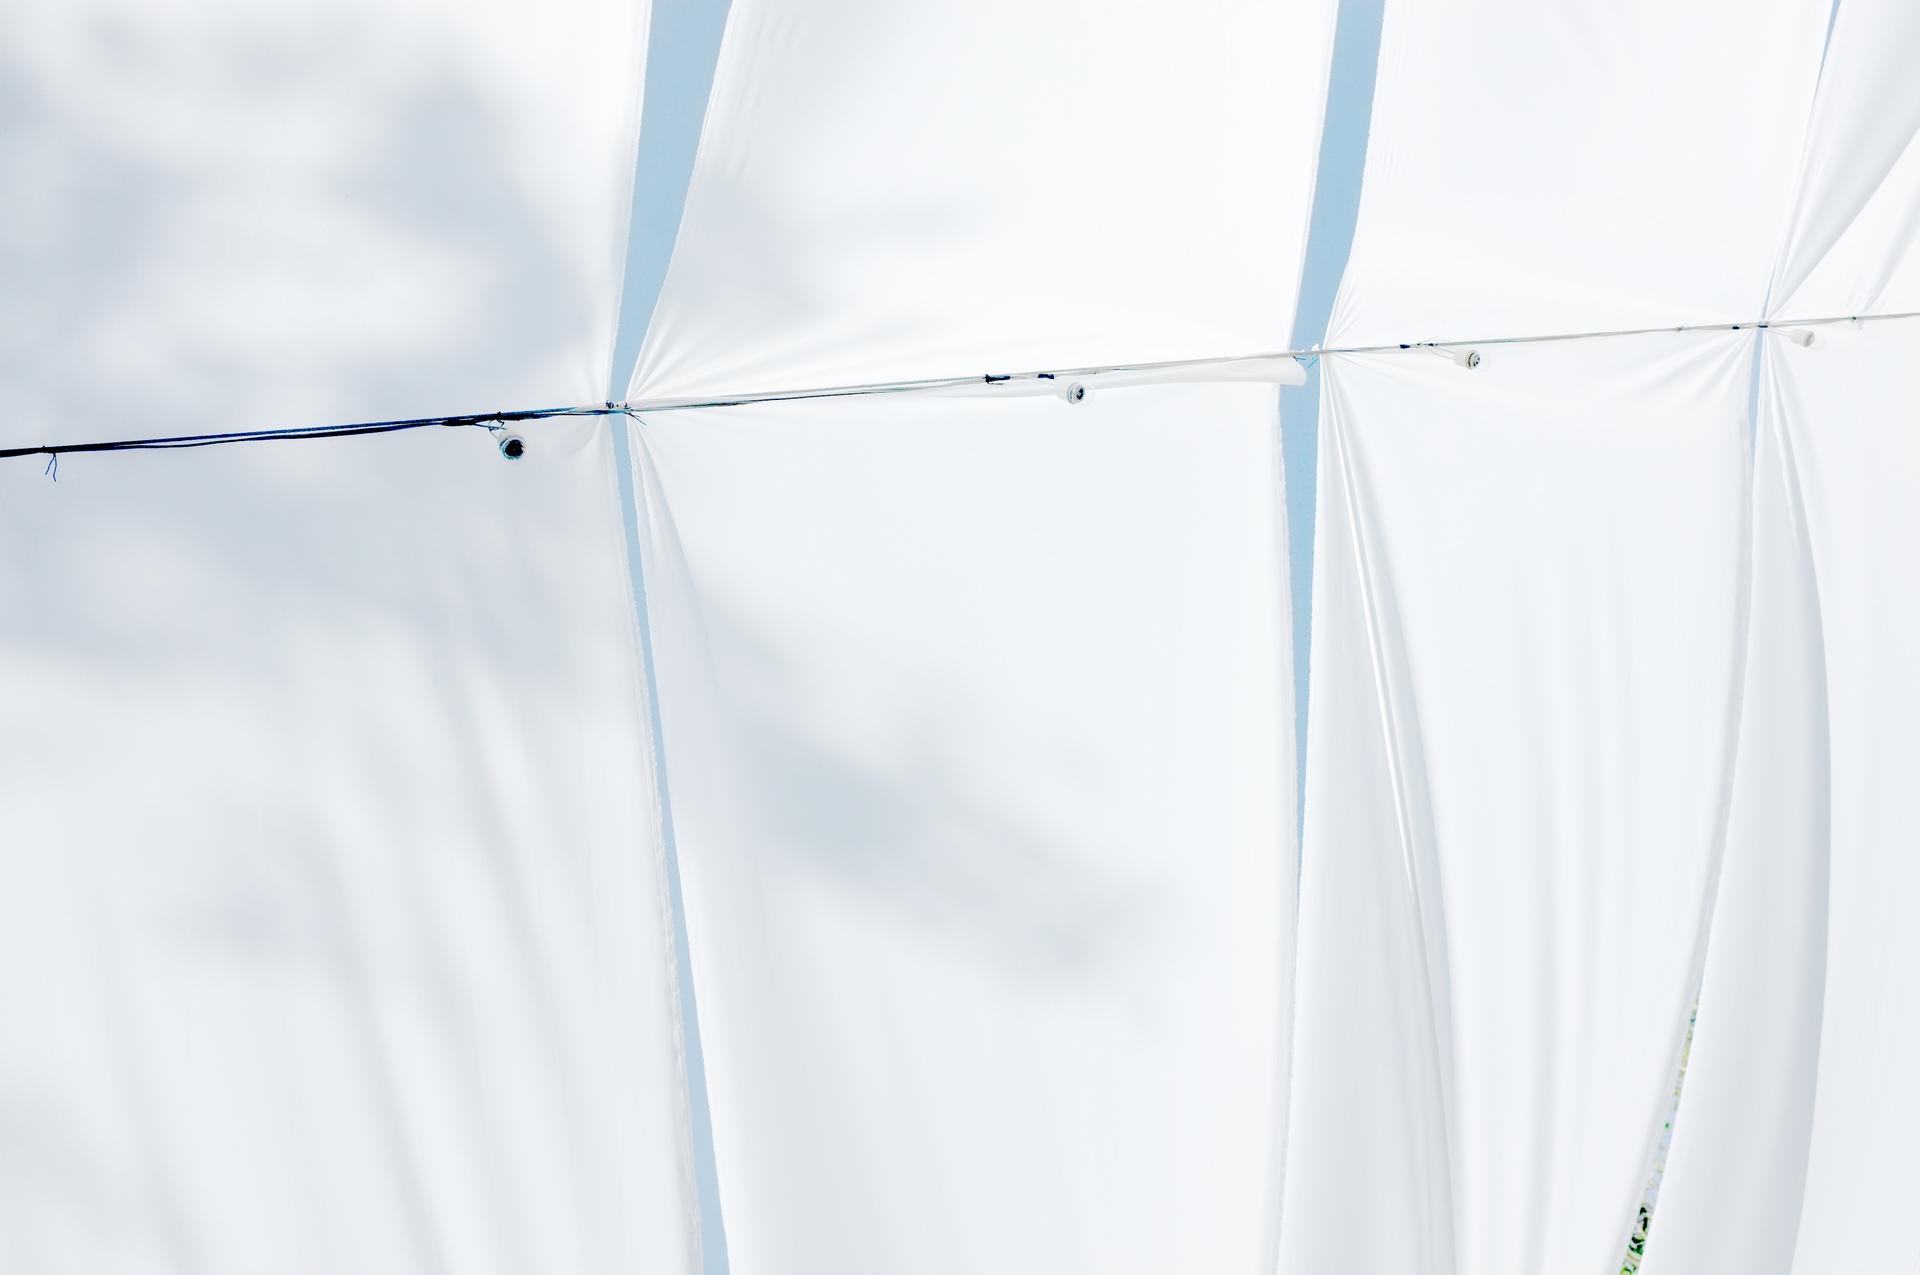 ¿El seguro de hogar cubre el toldo roto por el aire?